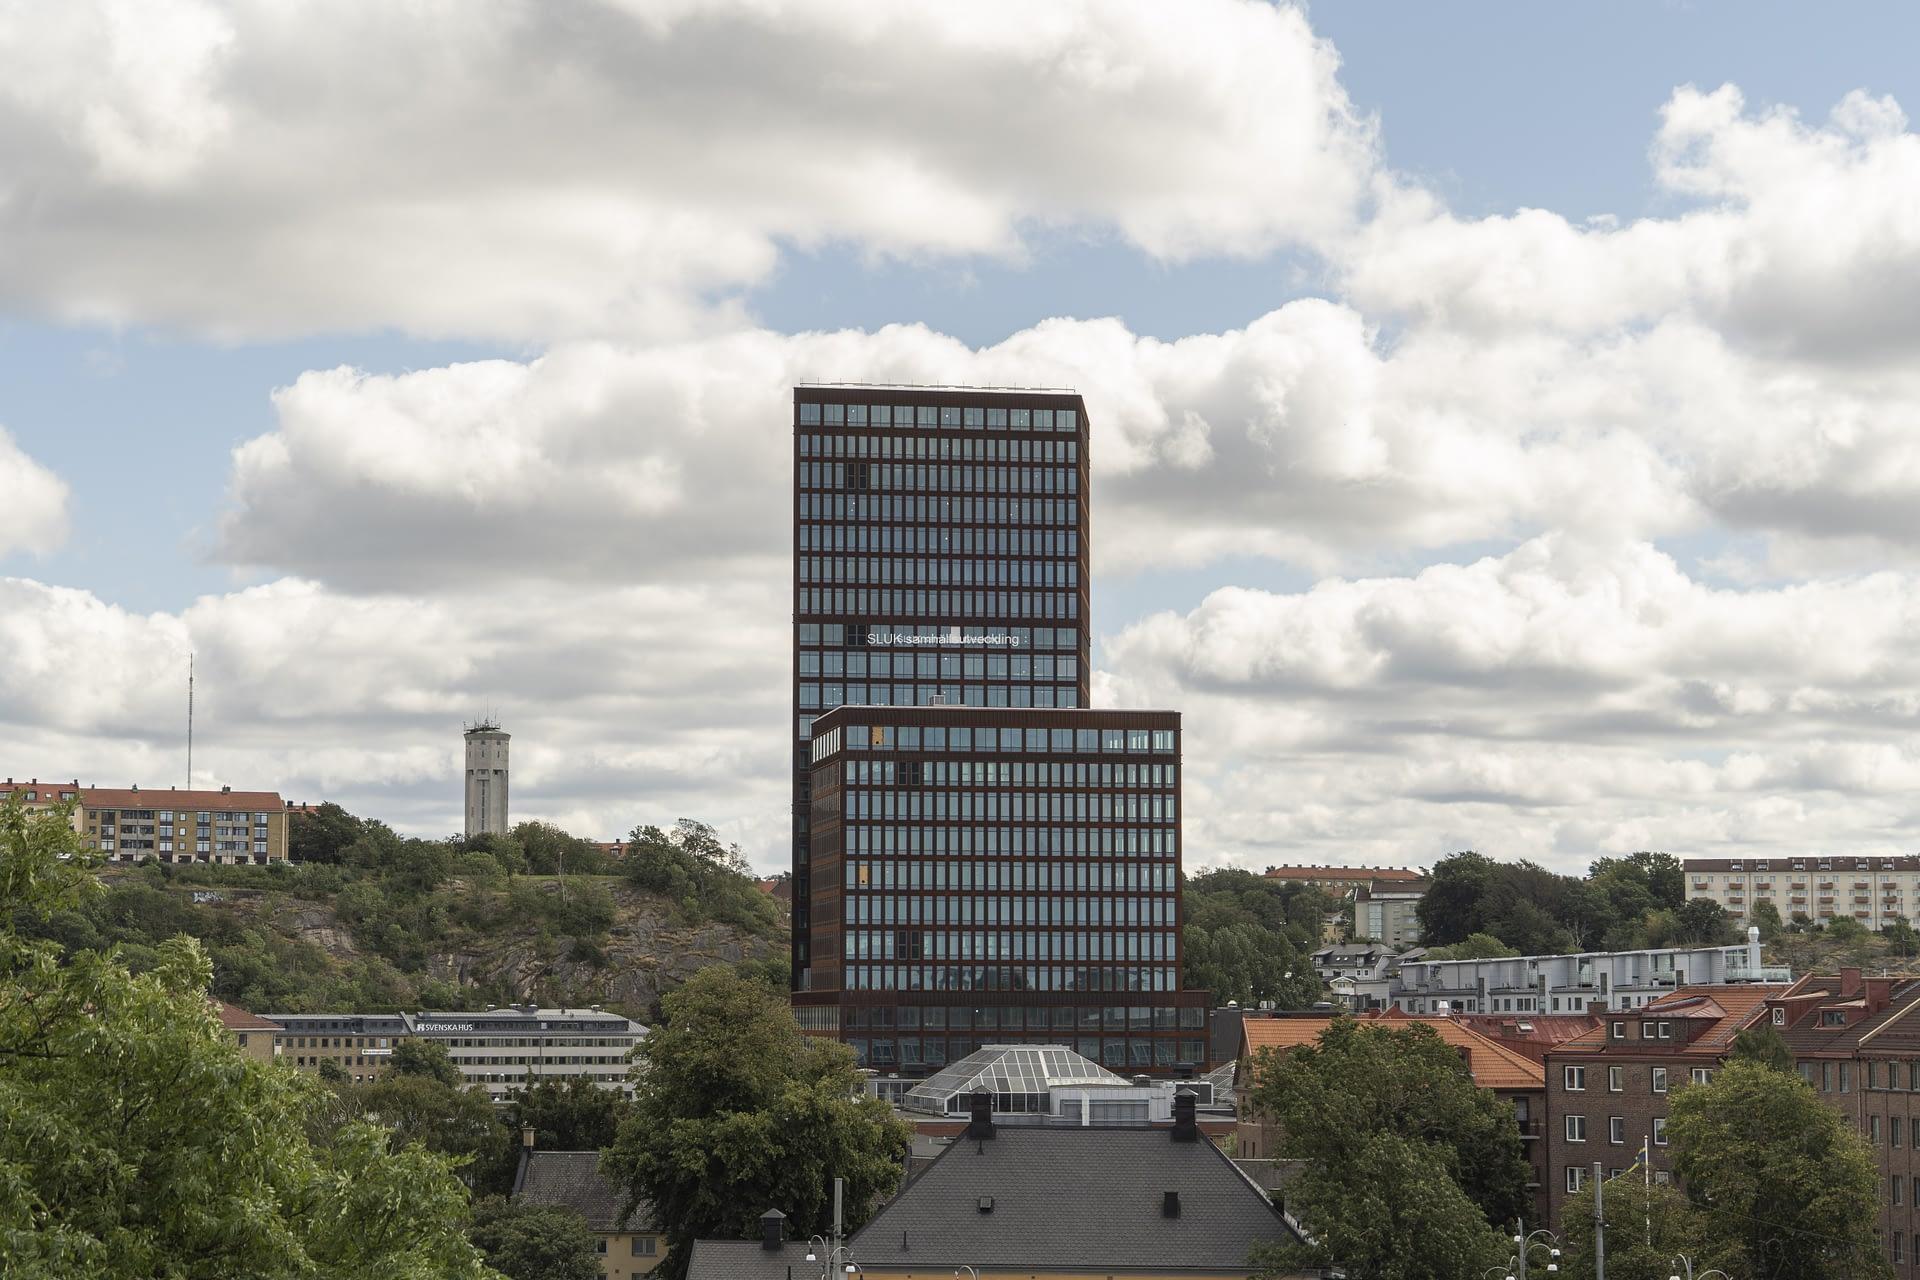 Från Skansen lejonet ser man mot Lundens vattentorn. Ett nytt kontorshus har byggts i Gårda.